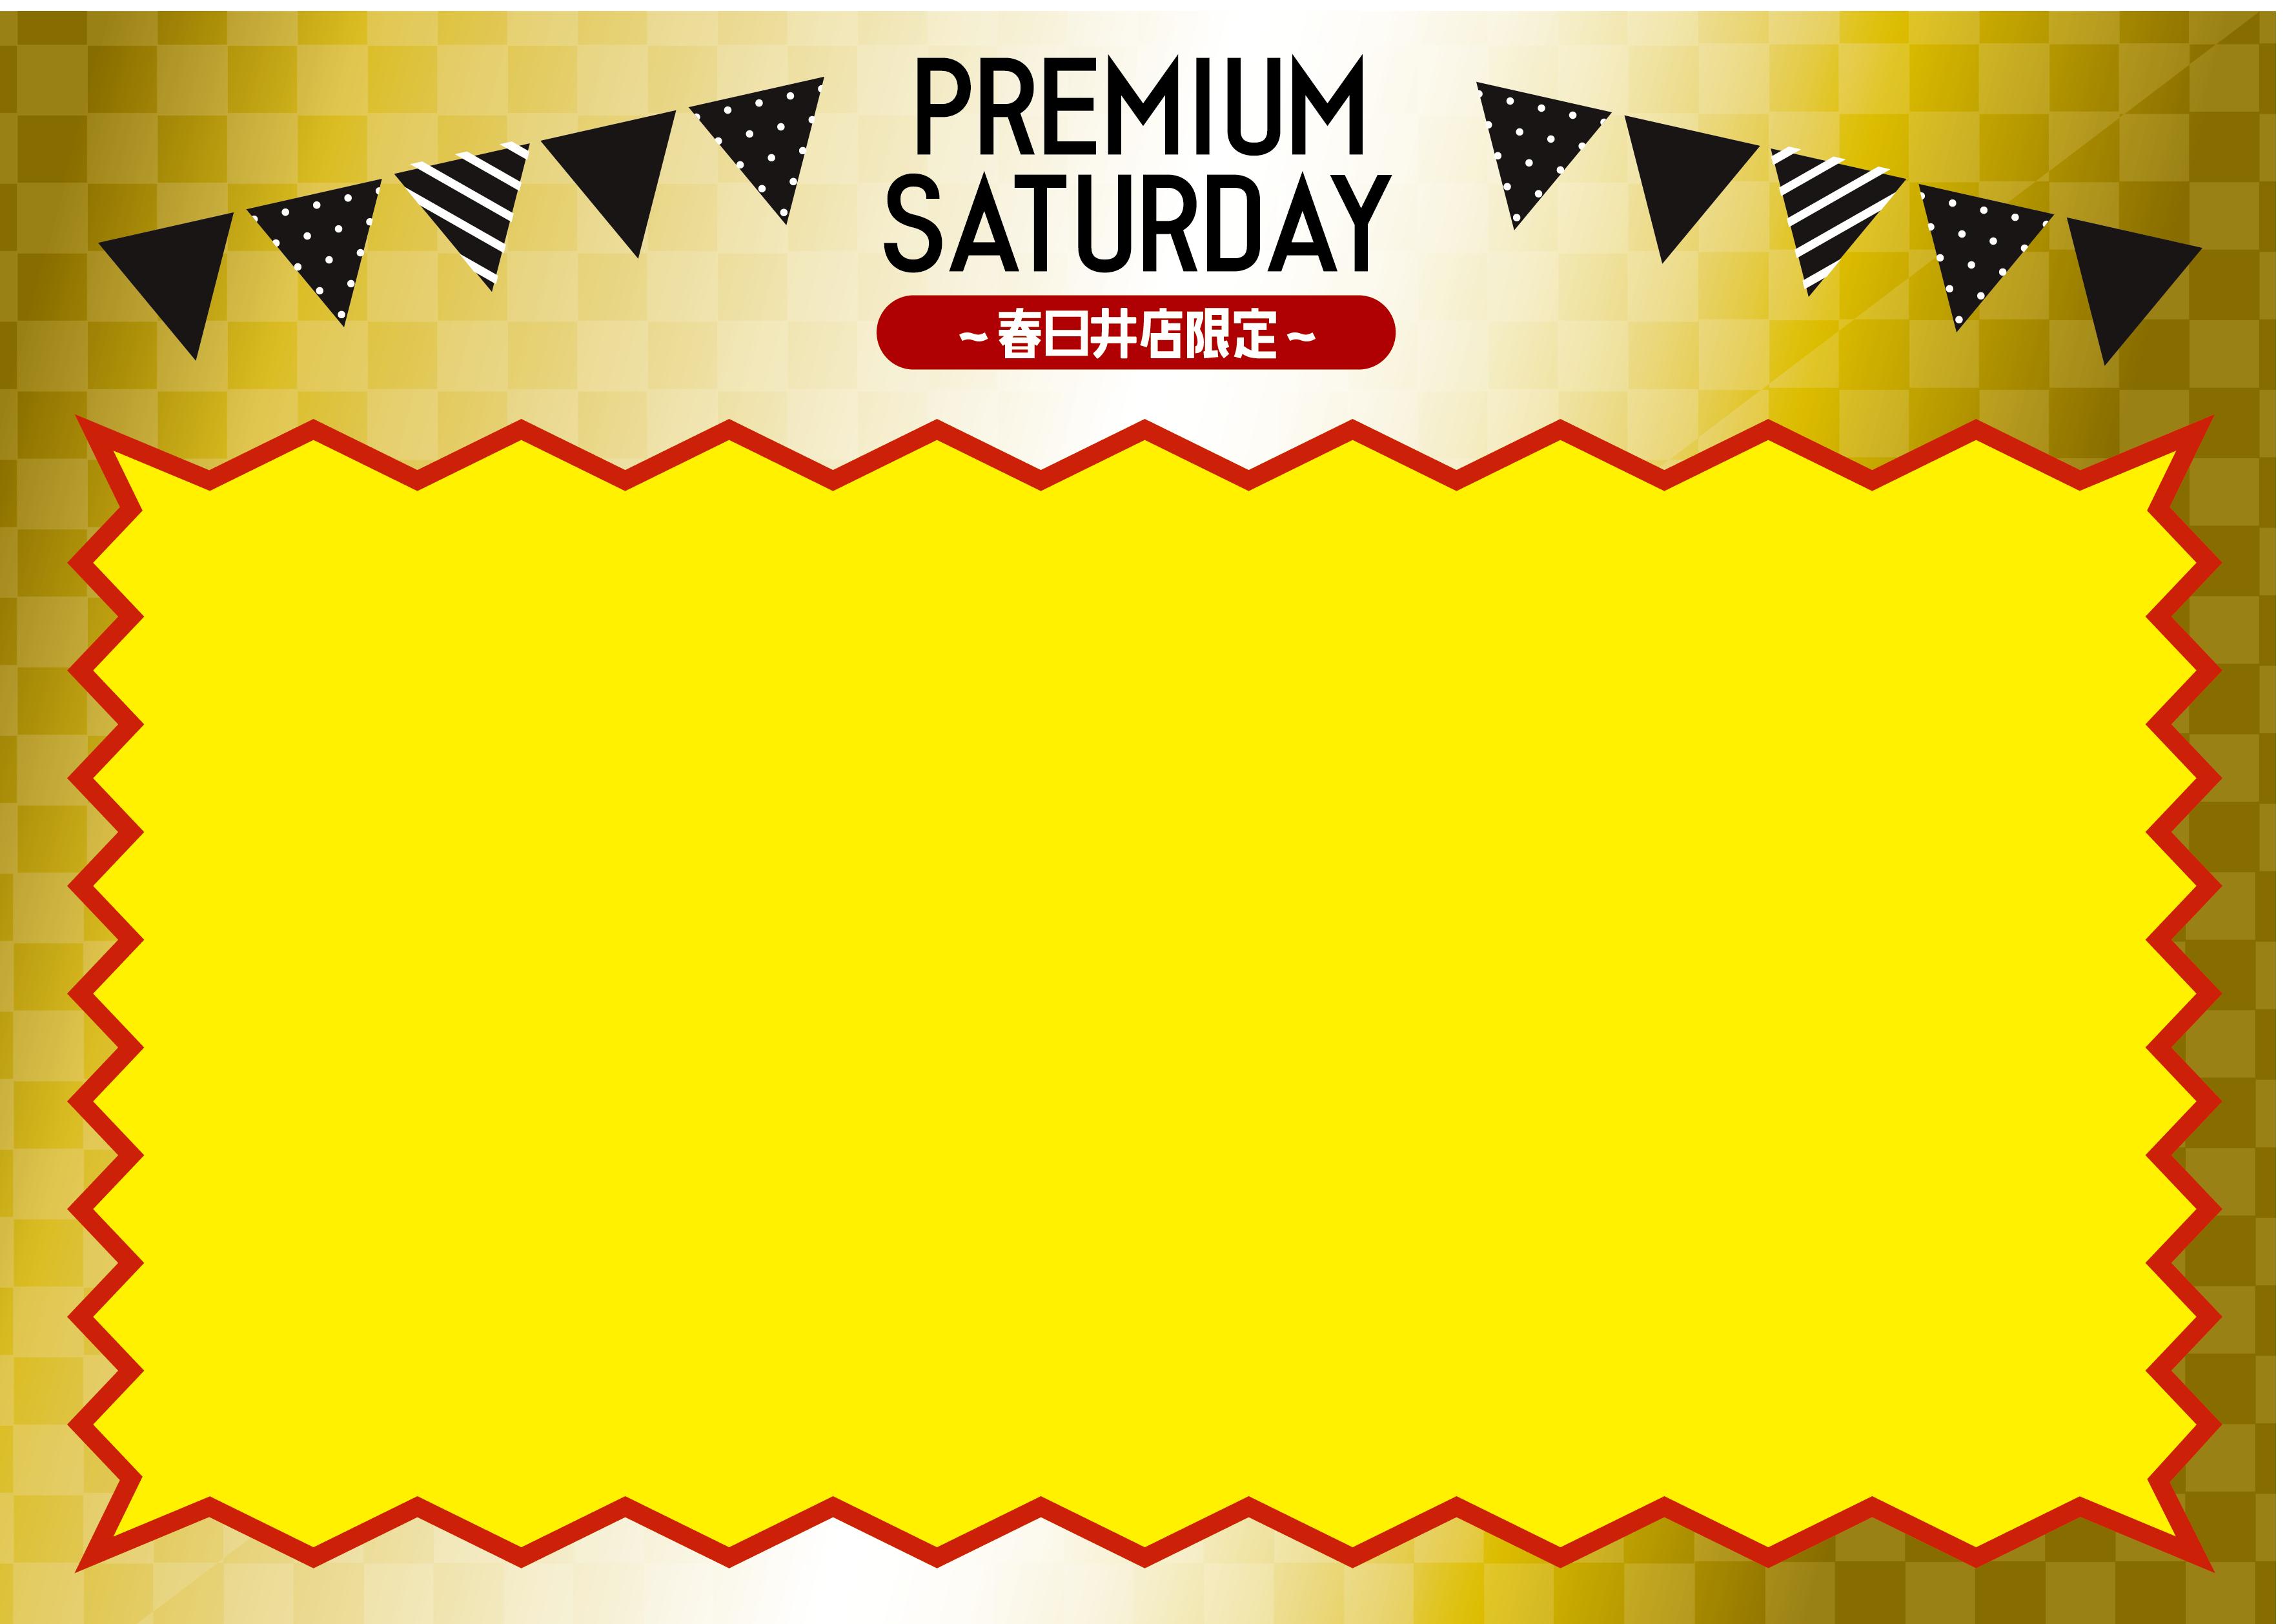 6月27日は春日井Premium Saturday⁉